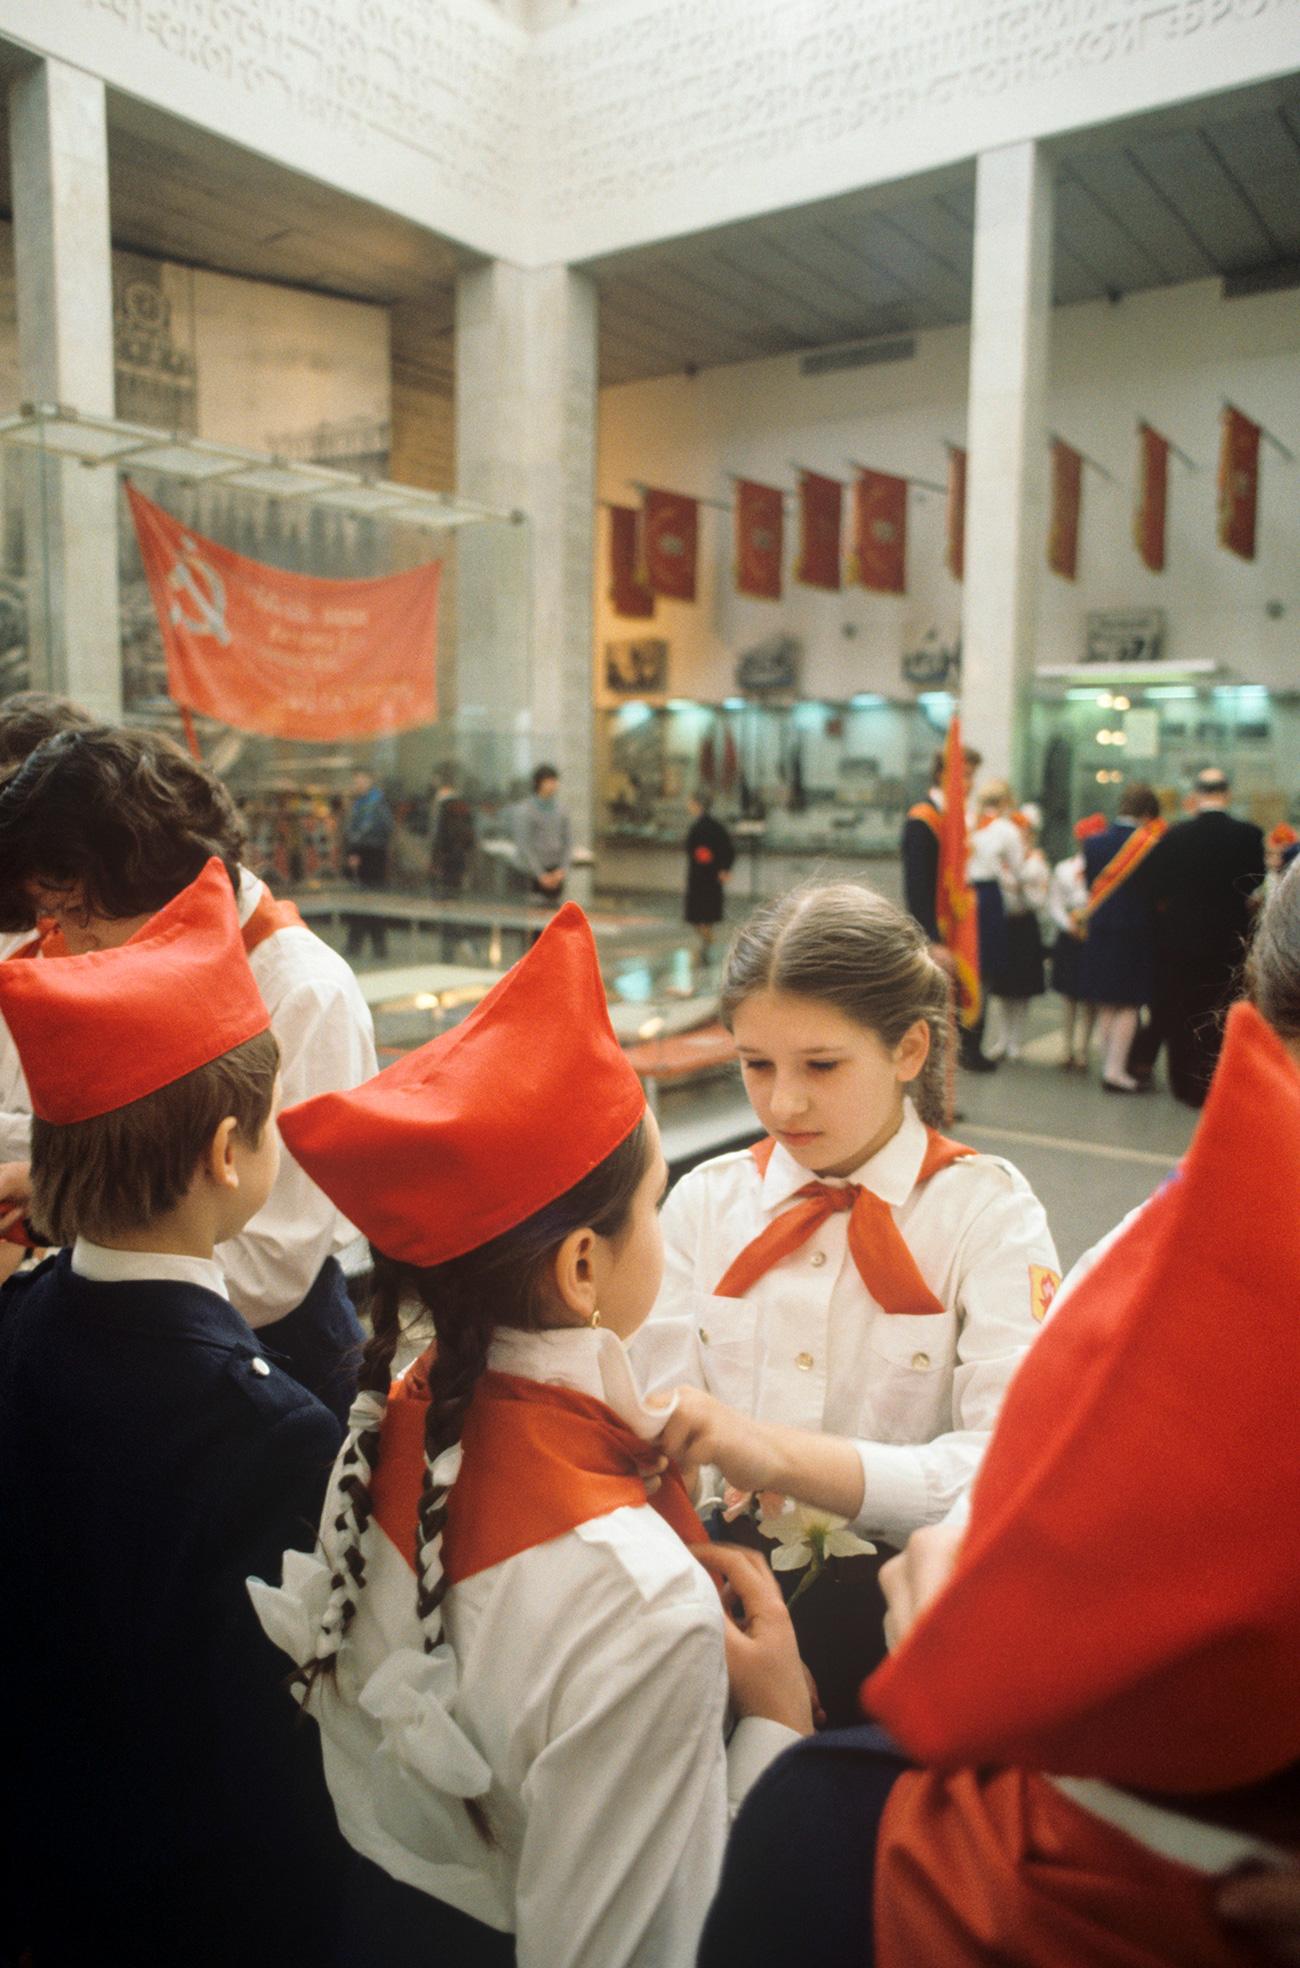 La ceremonia del ingreso a la Organización de Pioneros. Fuente: Alexandr Graschenkov/RIA Novosti